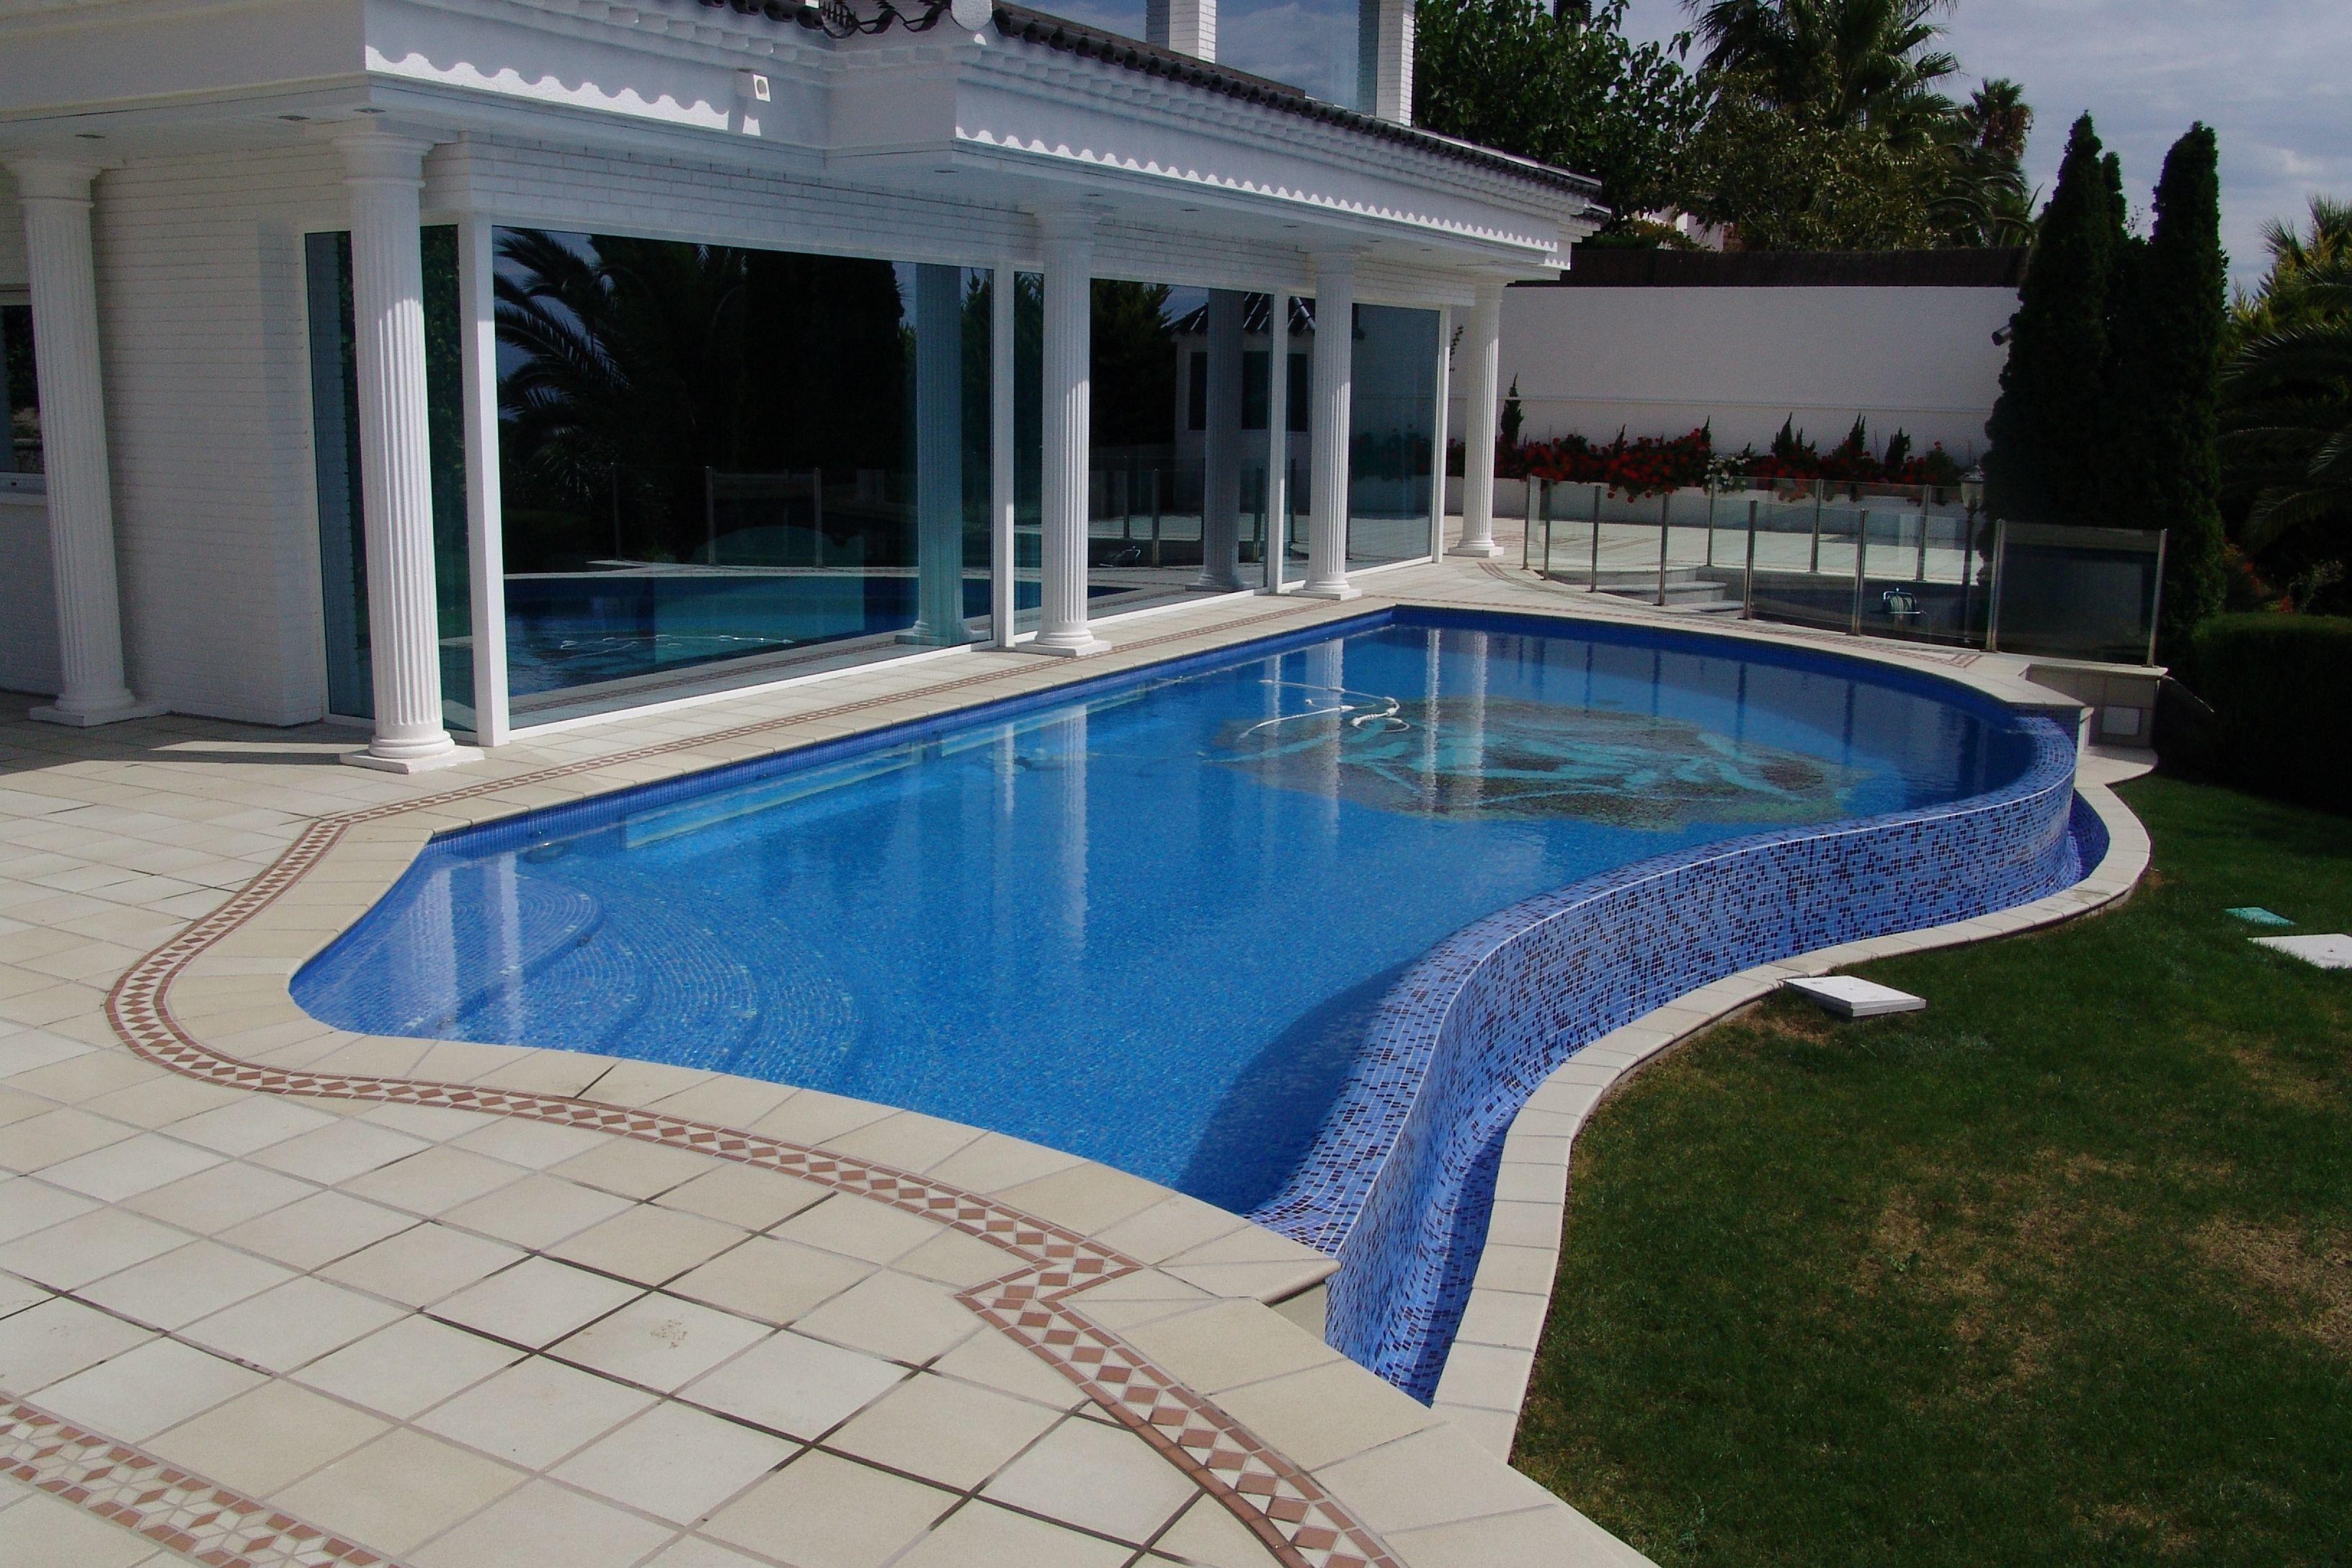 Piscina de FERRÓN®PISCINAS. Enorme piscina de diseño desbordante con escalera de obra de acceso interior.